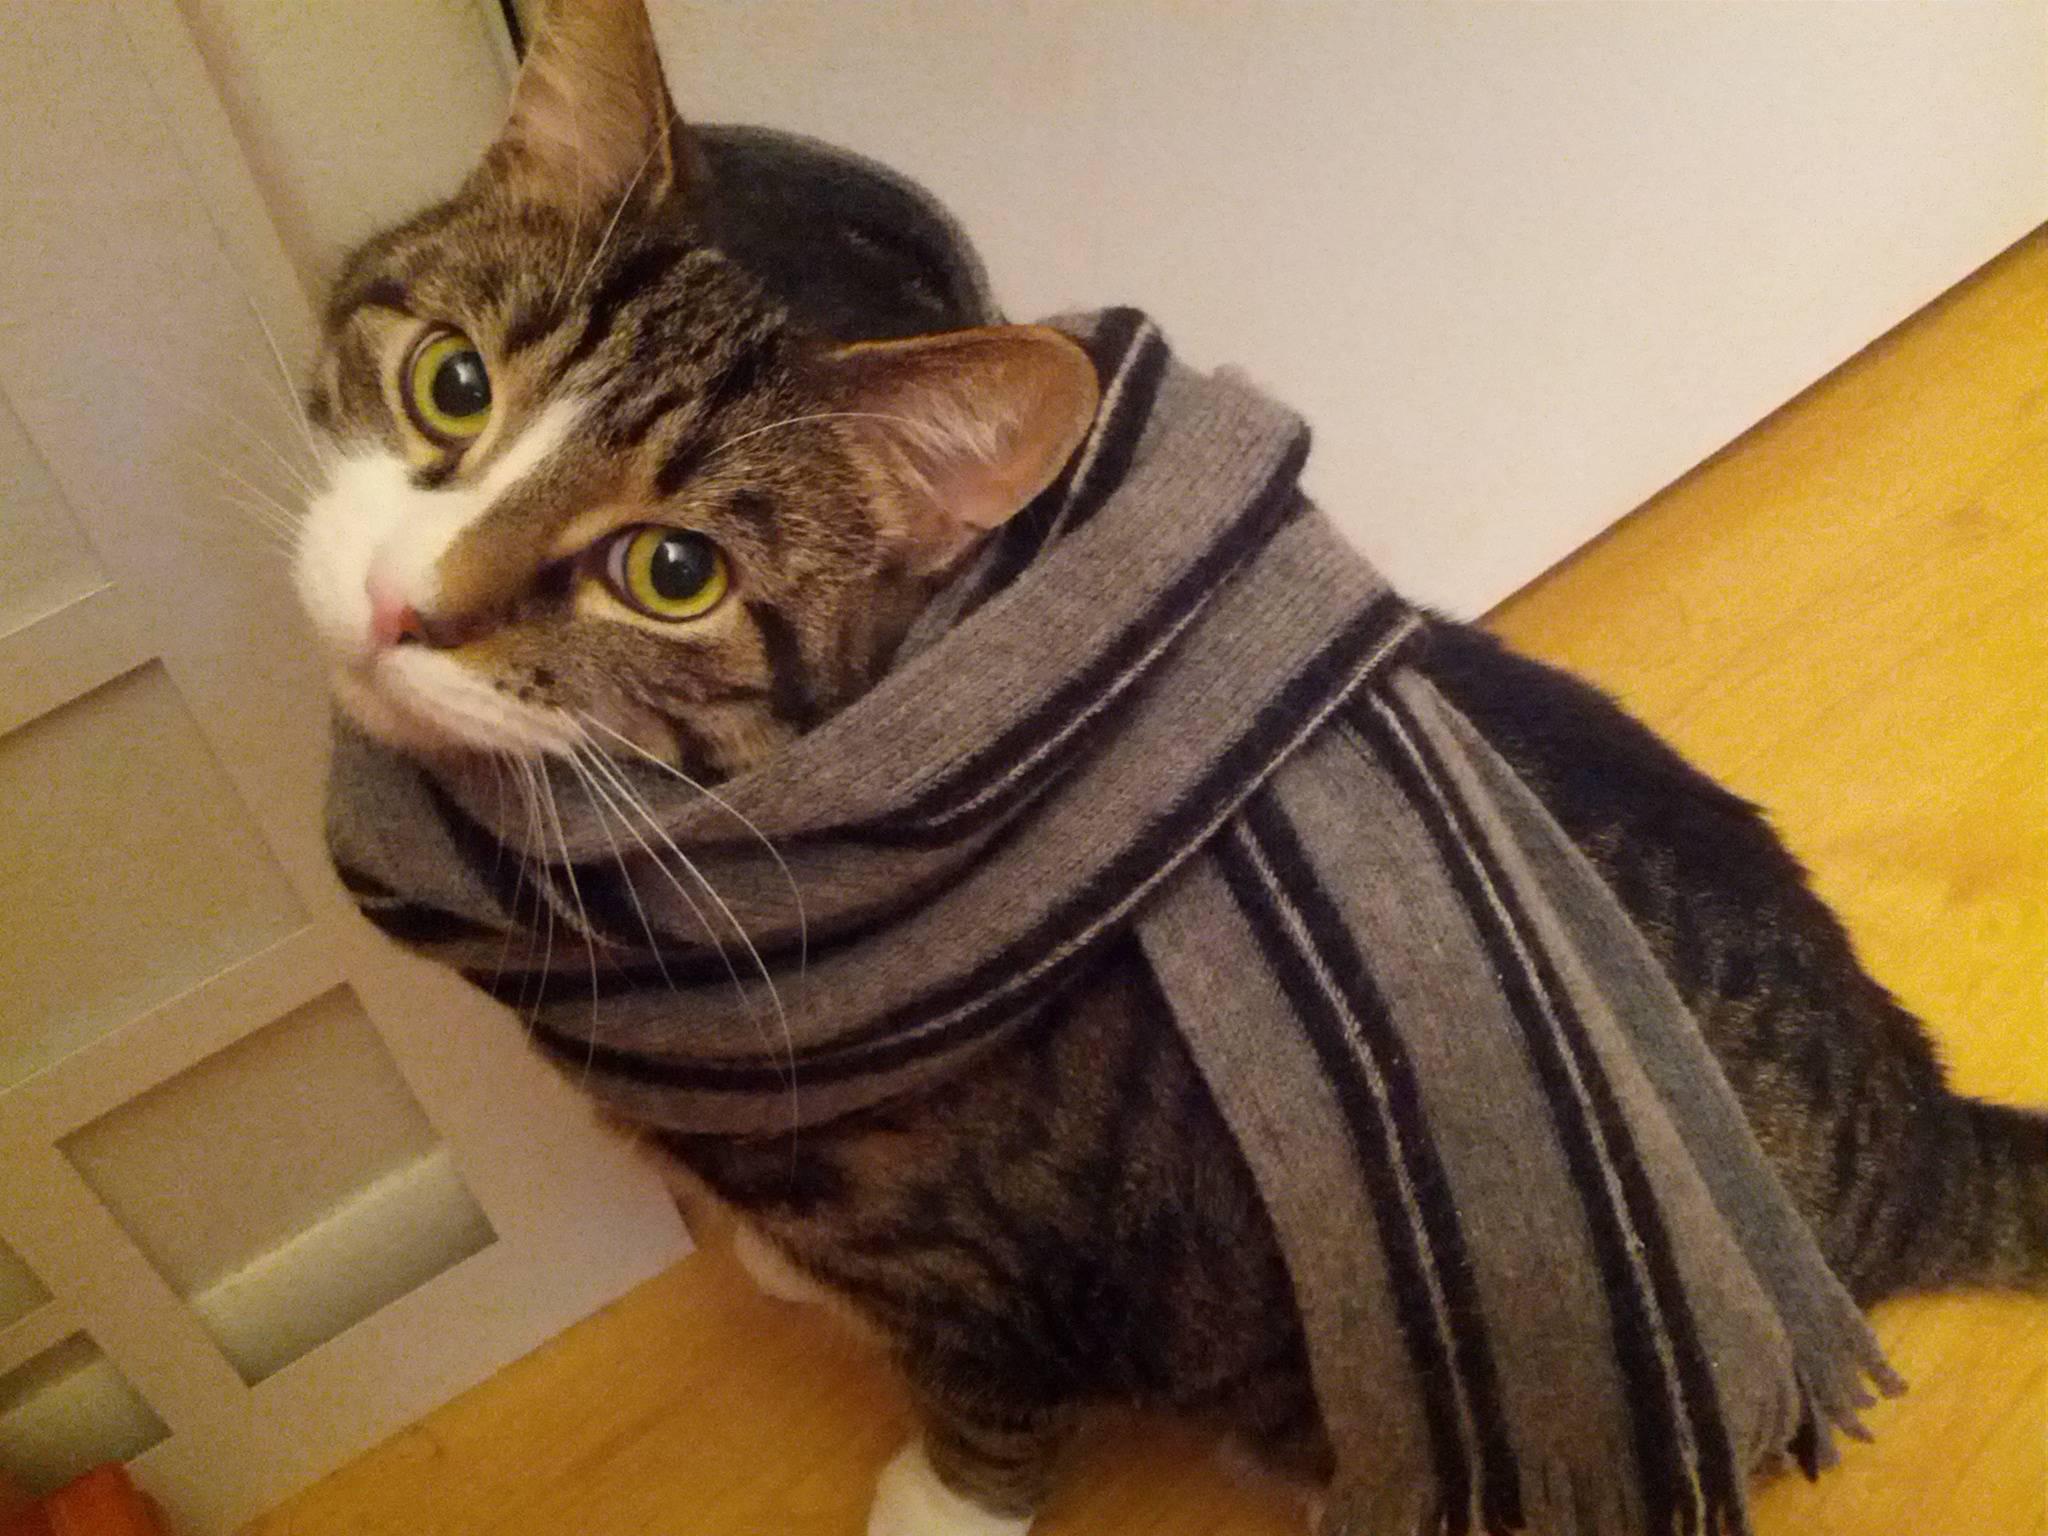 Cat in a scarf.